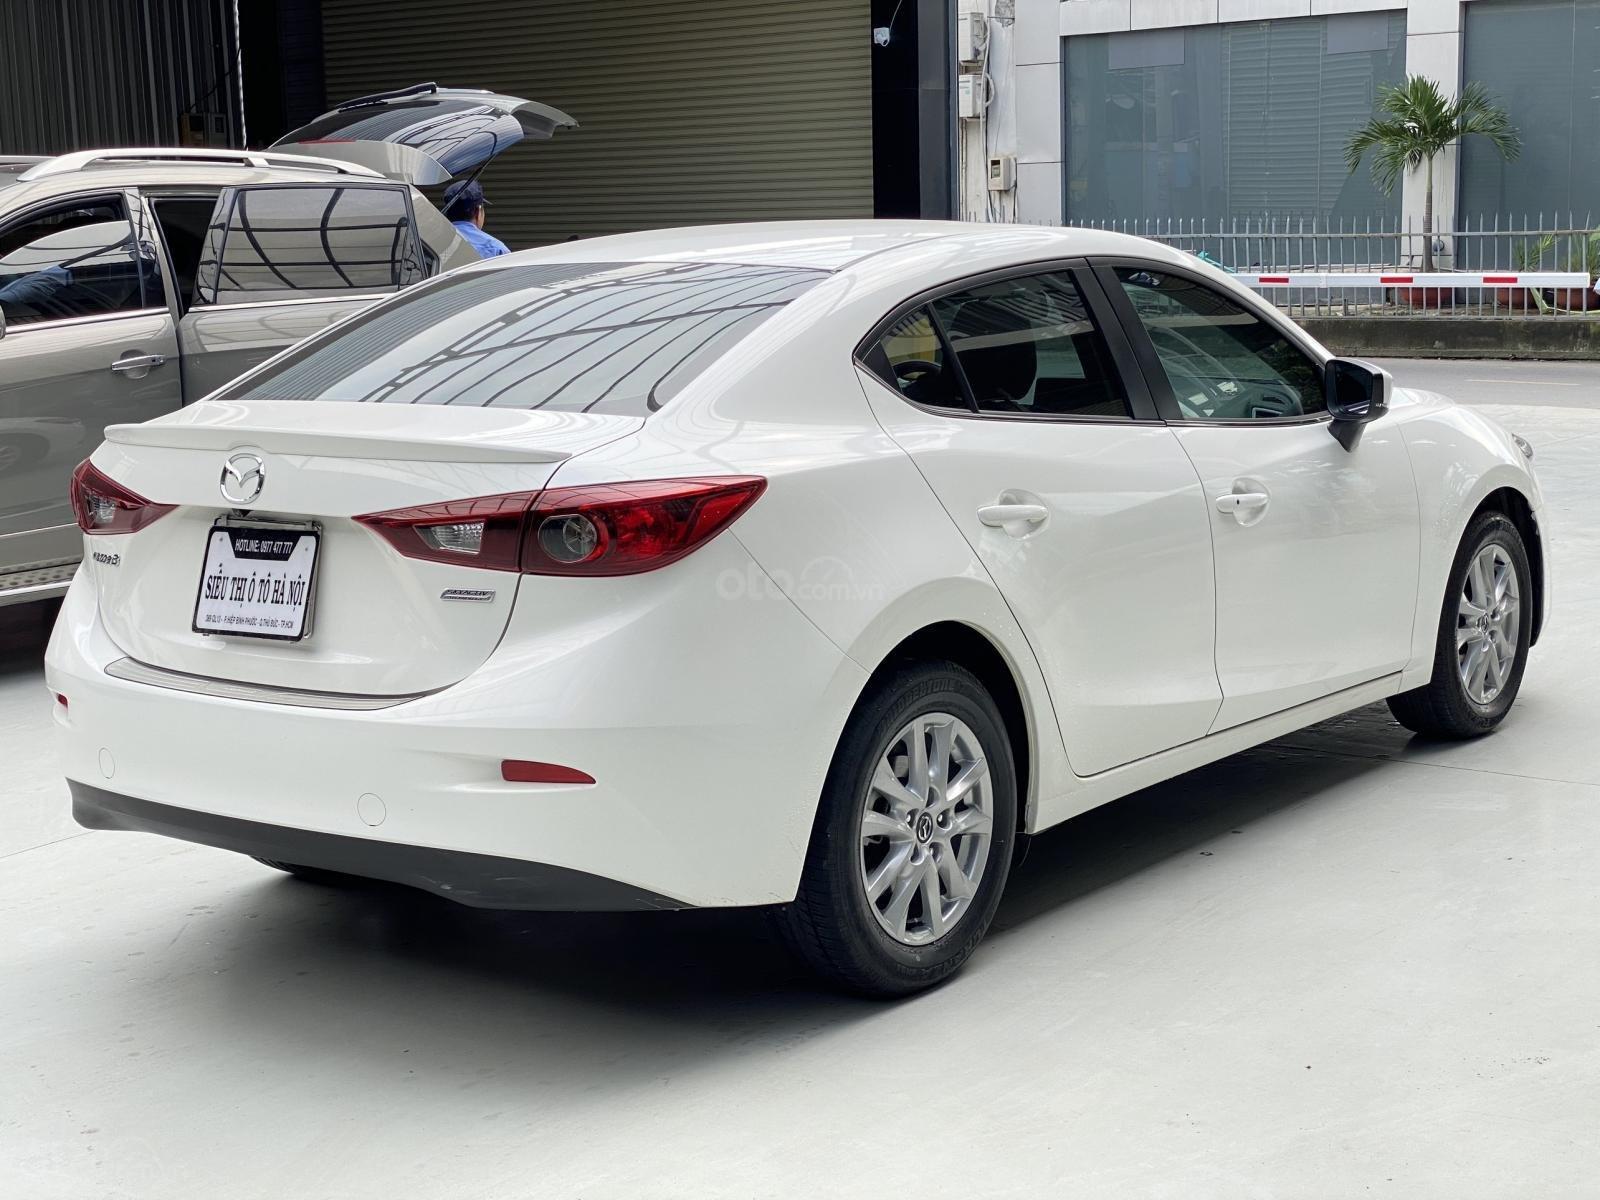 Bán xe Mazda 3 1.5 SD 2017 mới như 2019, siêu đẹp, 25.000km (6)